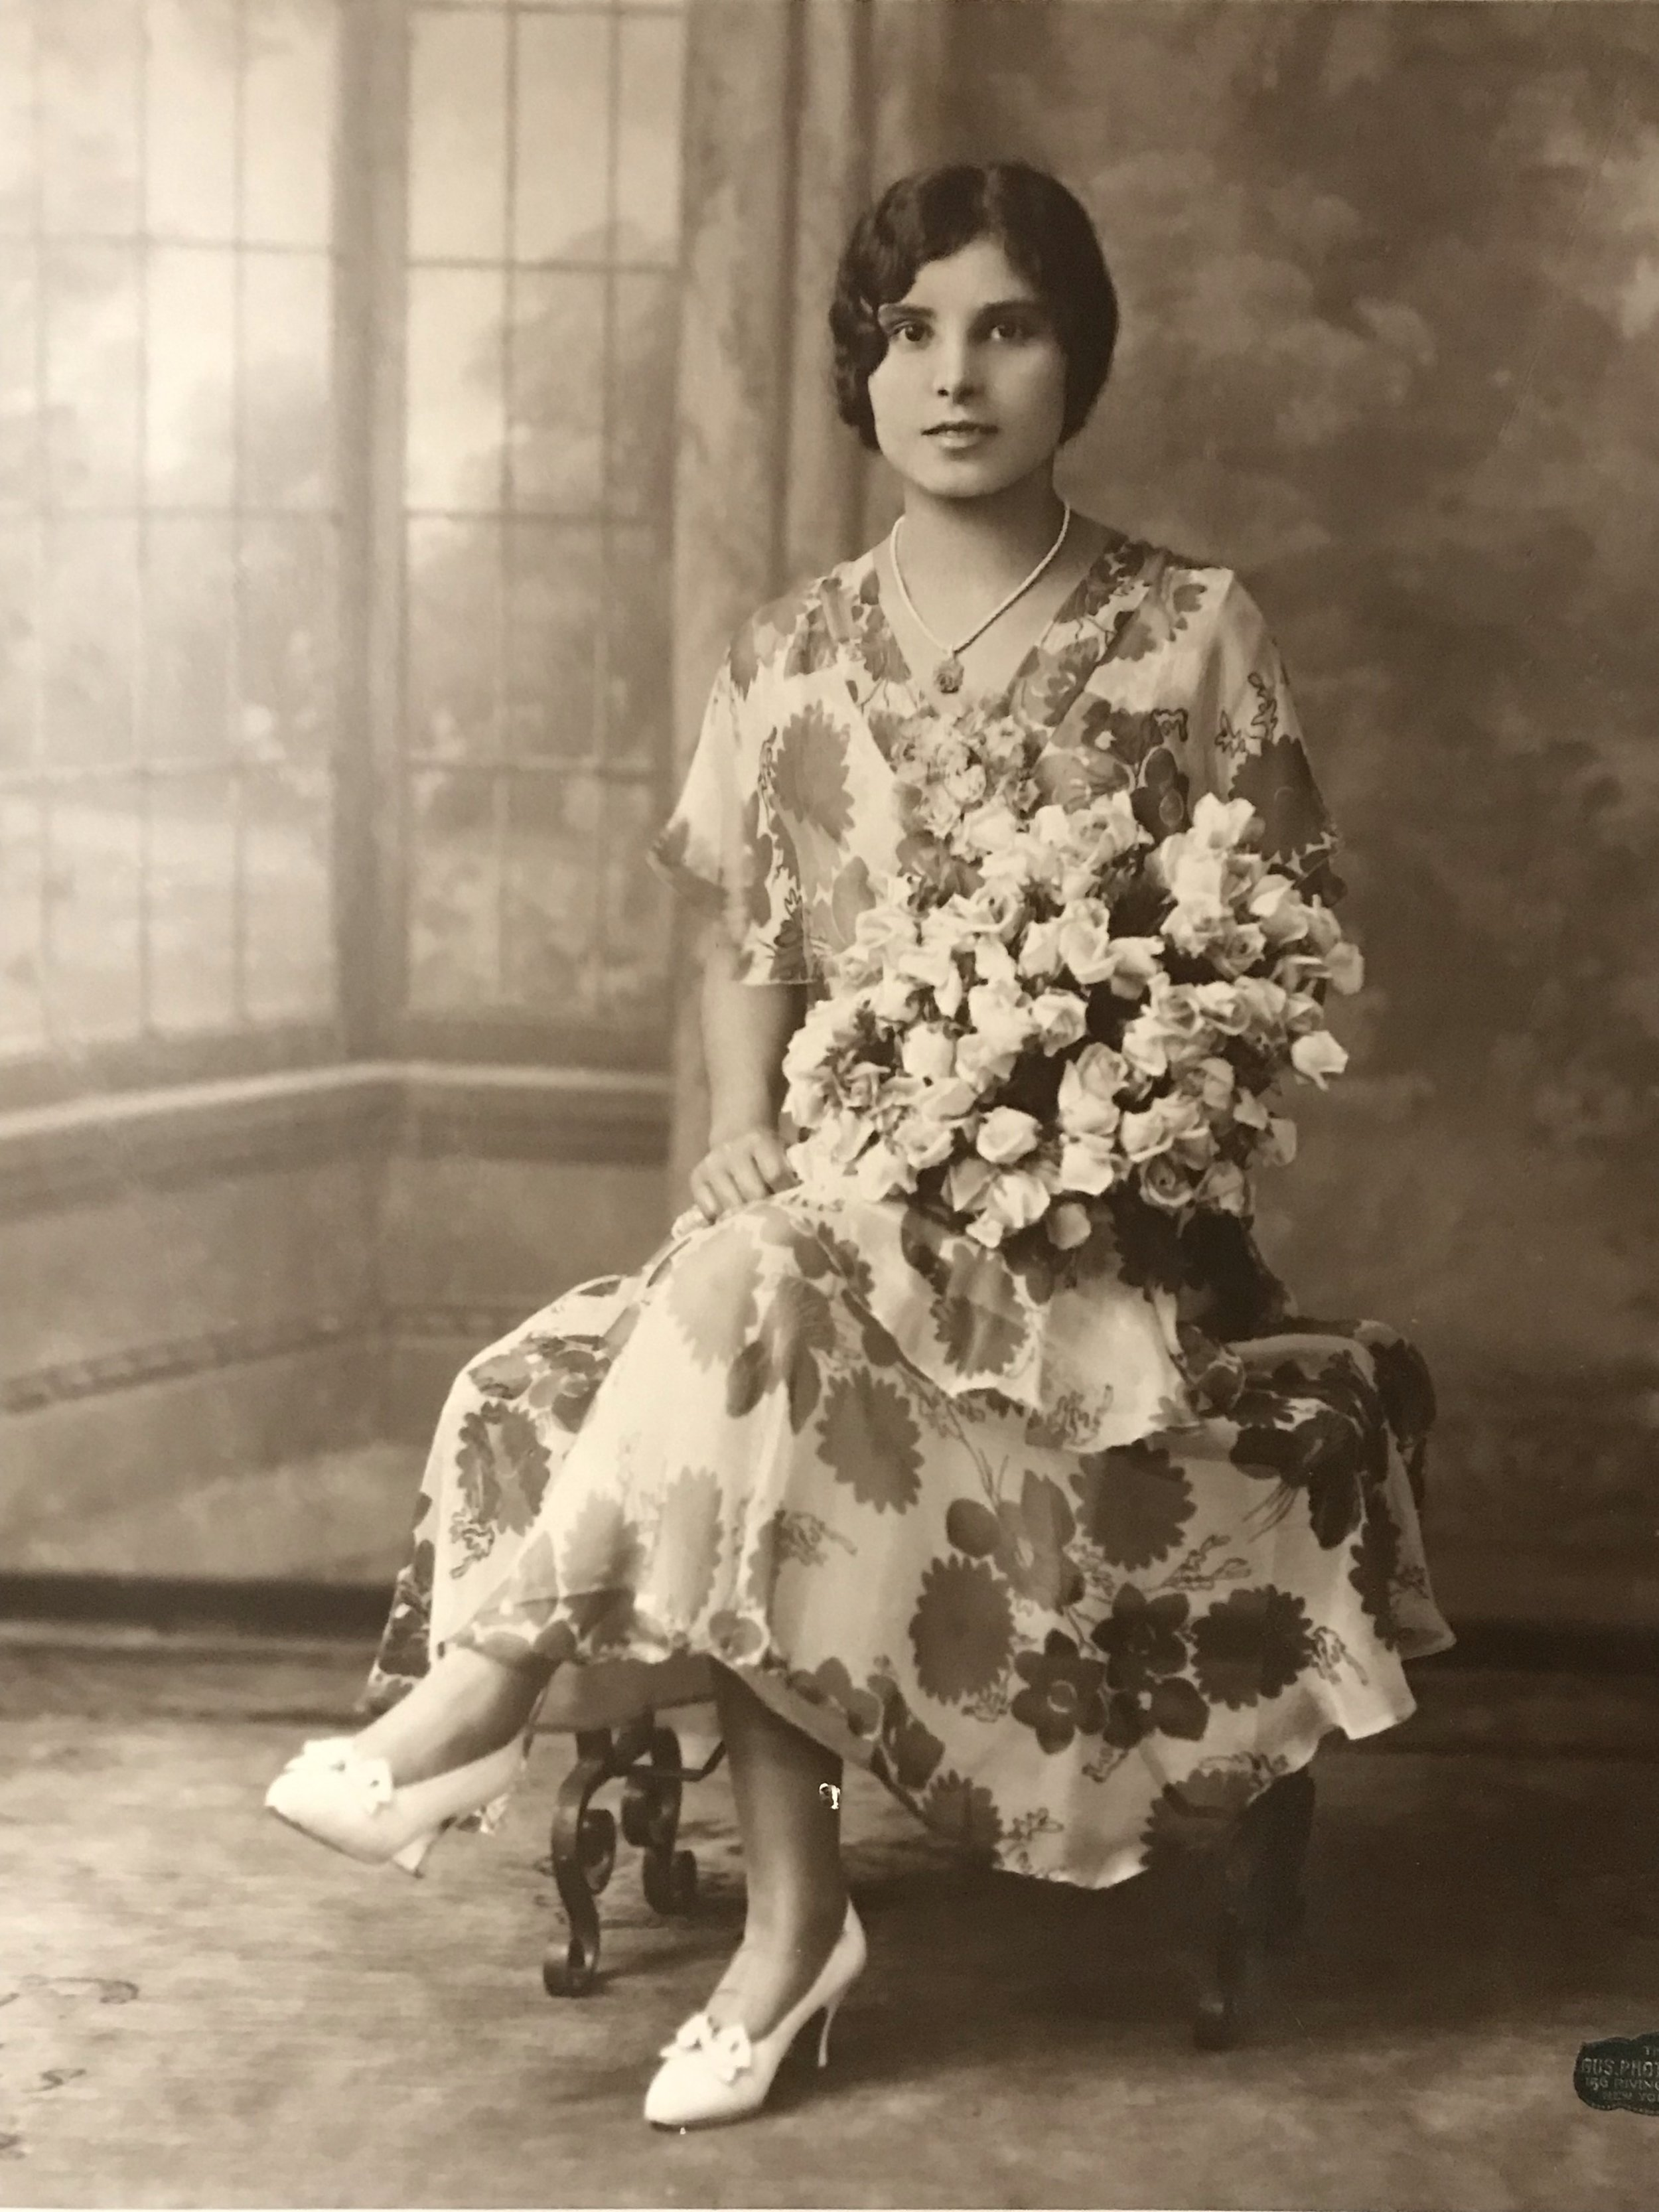 Nonna as a young girl.